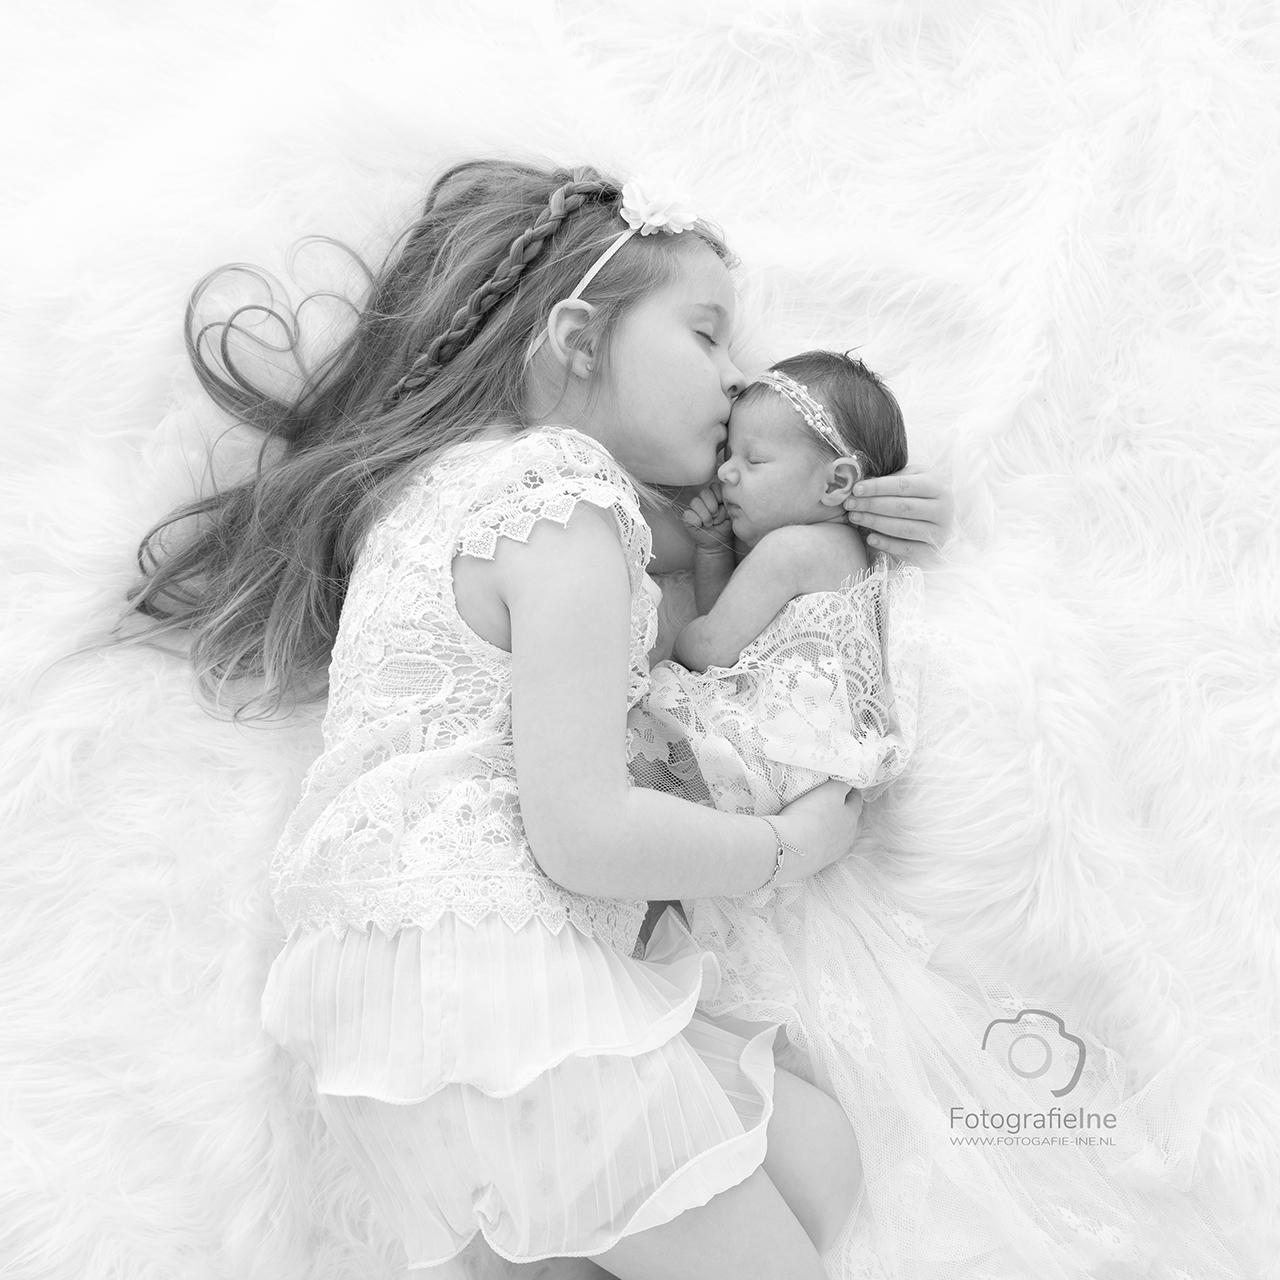 Fotografie Ine newborn foto met grote zus Daantje